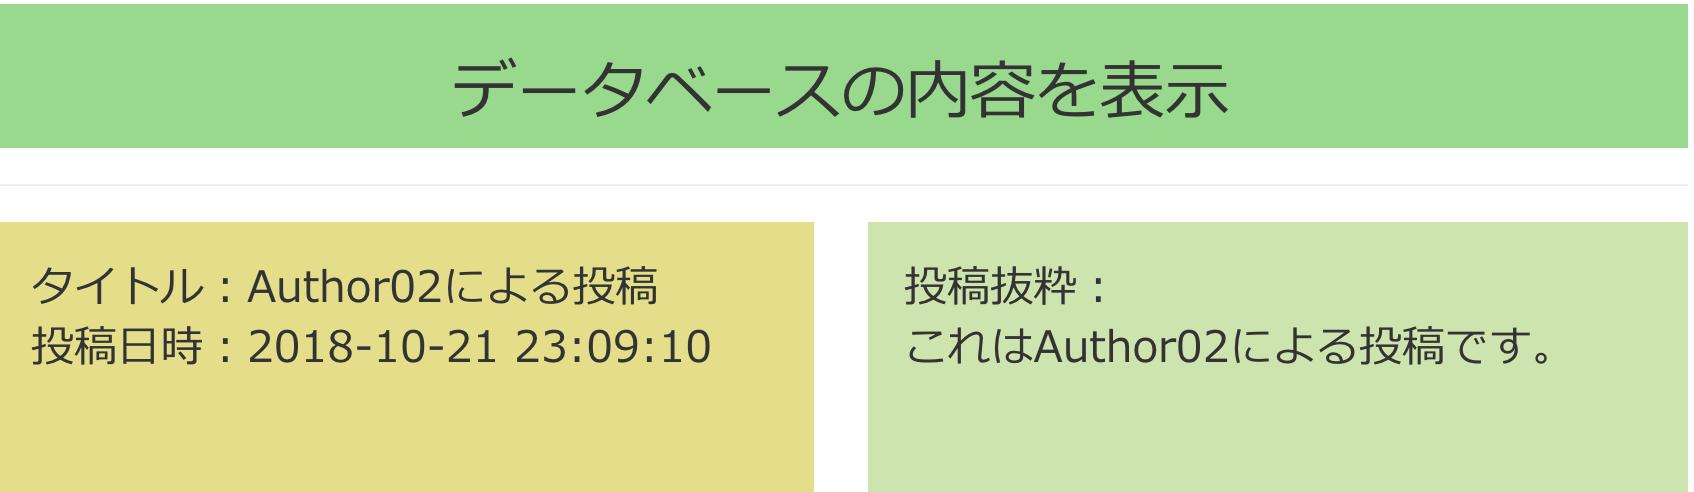 スクリーンショット 2018-10-25 10.45.52.png